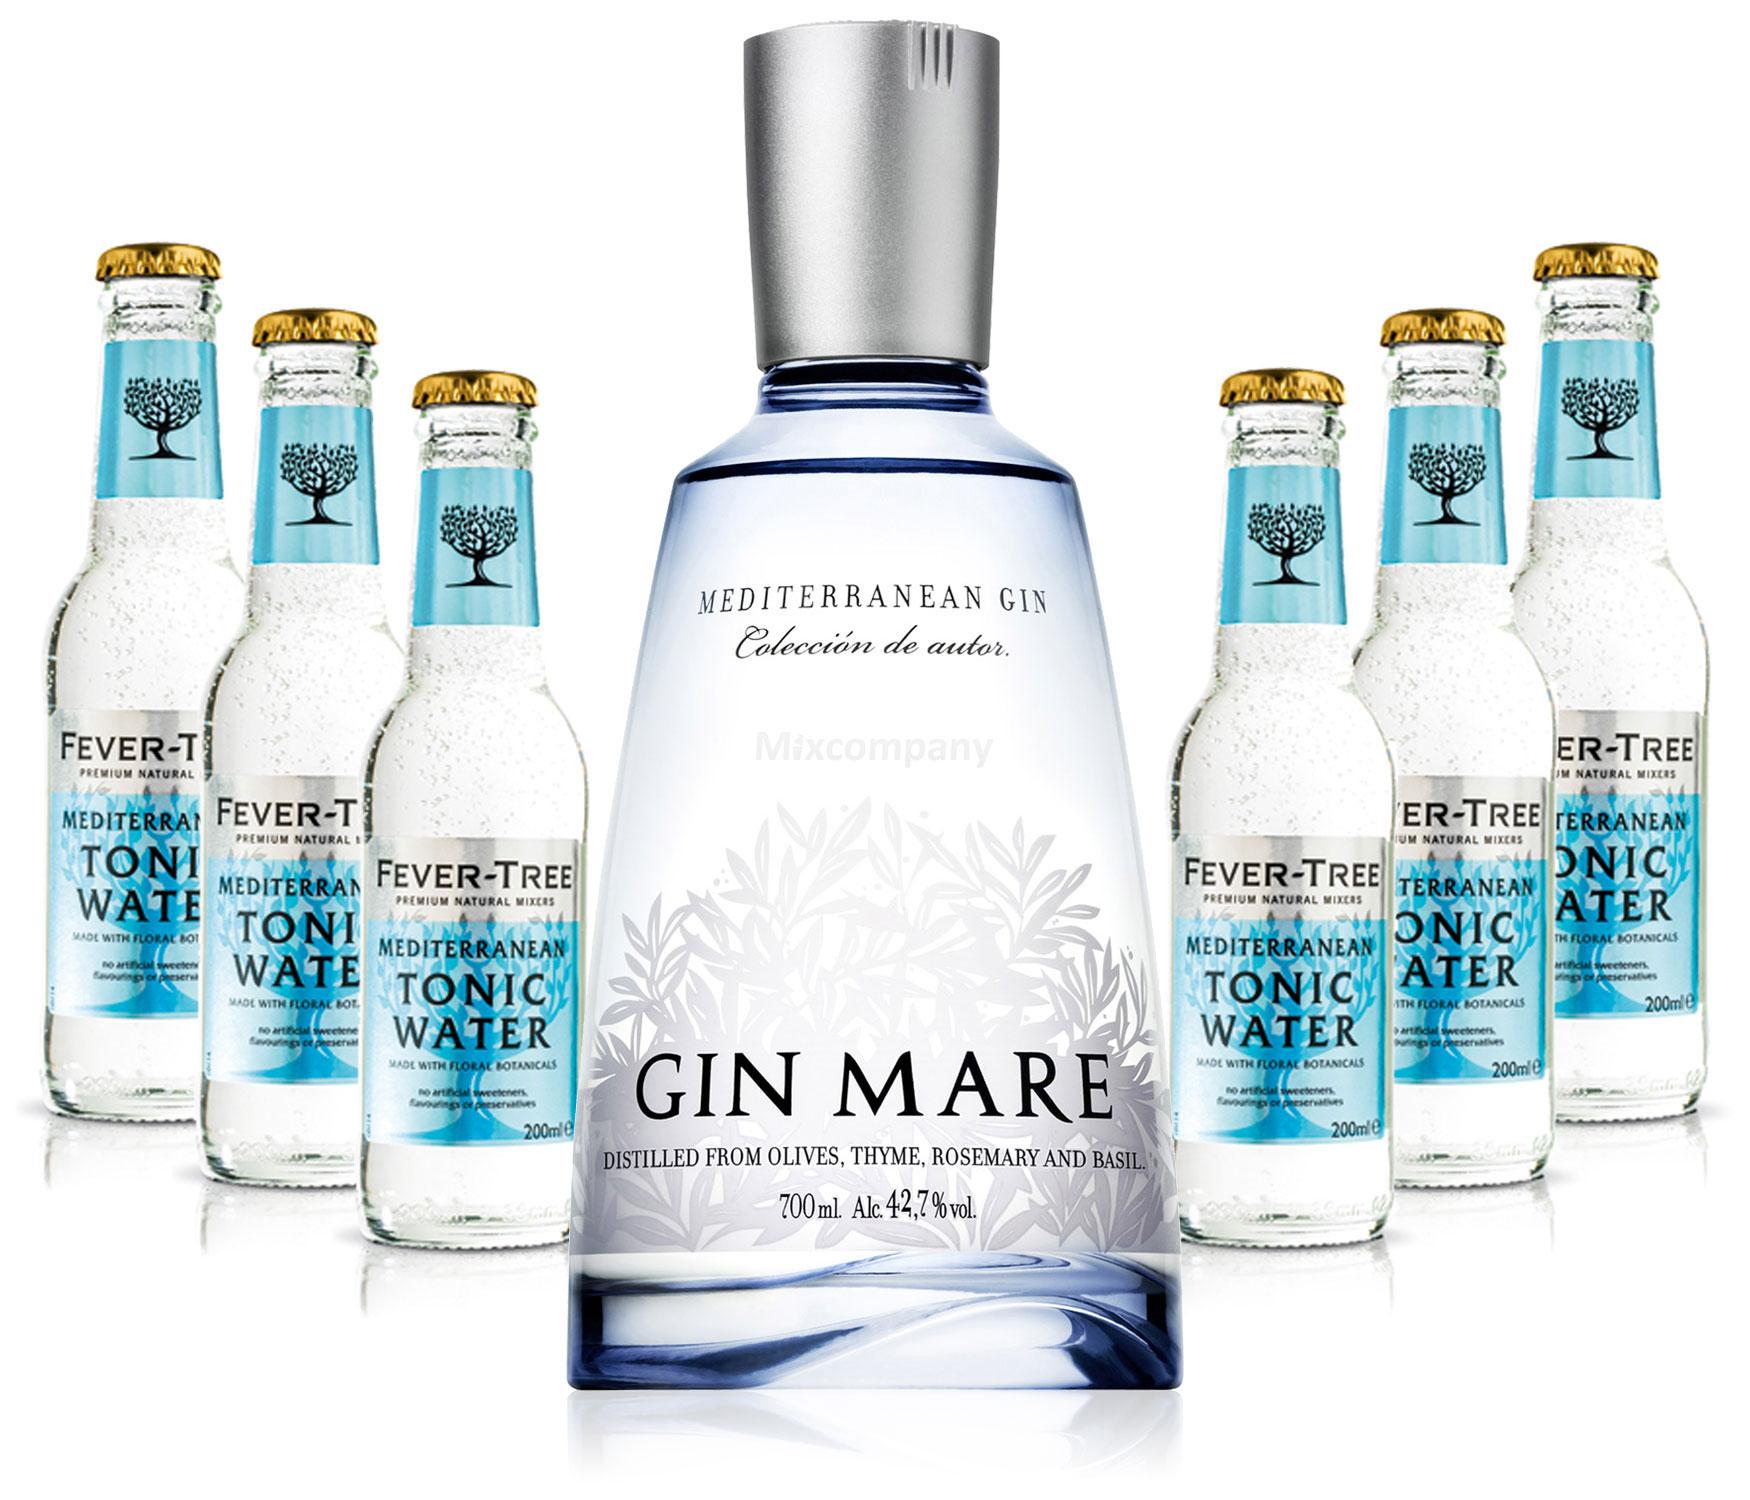 Gin Tonic Set - Gin Mare 0,7l 700ml (42,7% Vol) + 6x Fever Tree Mediterranean Tonic Water 200ml - Inkl. Pfand MEHRWEG